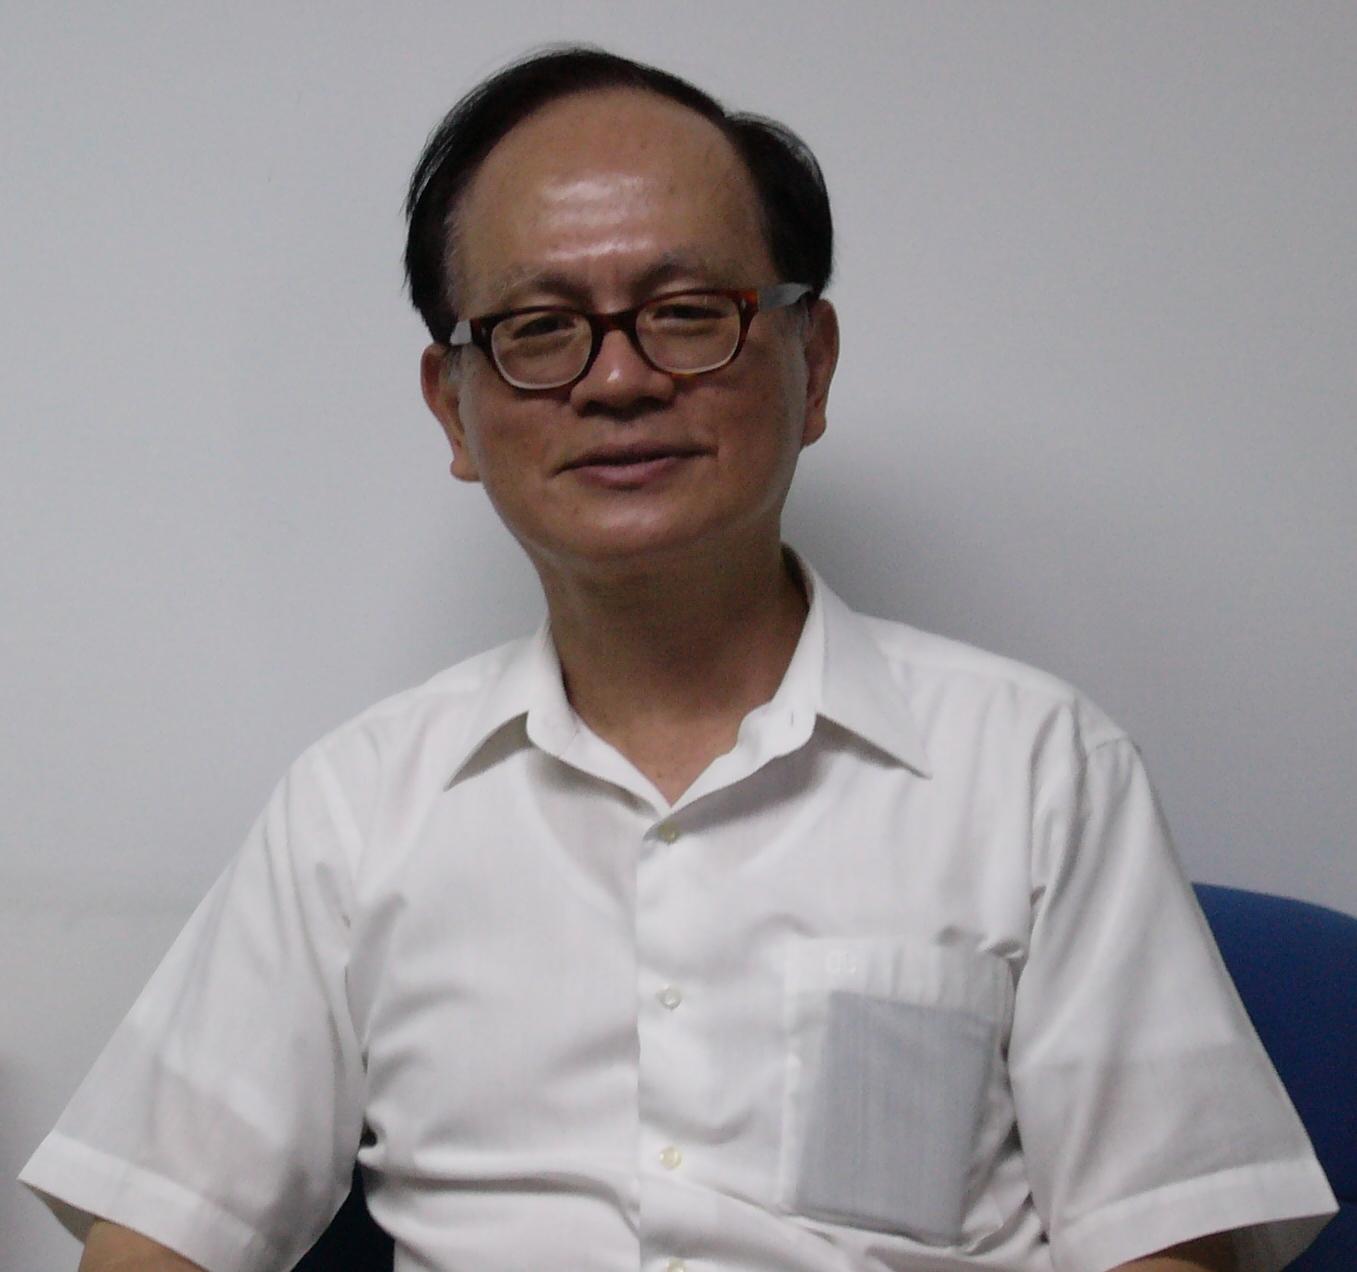 教師 「郭博文」老師照片